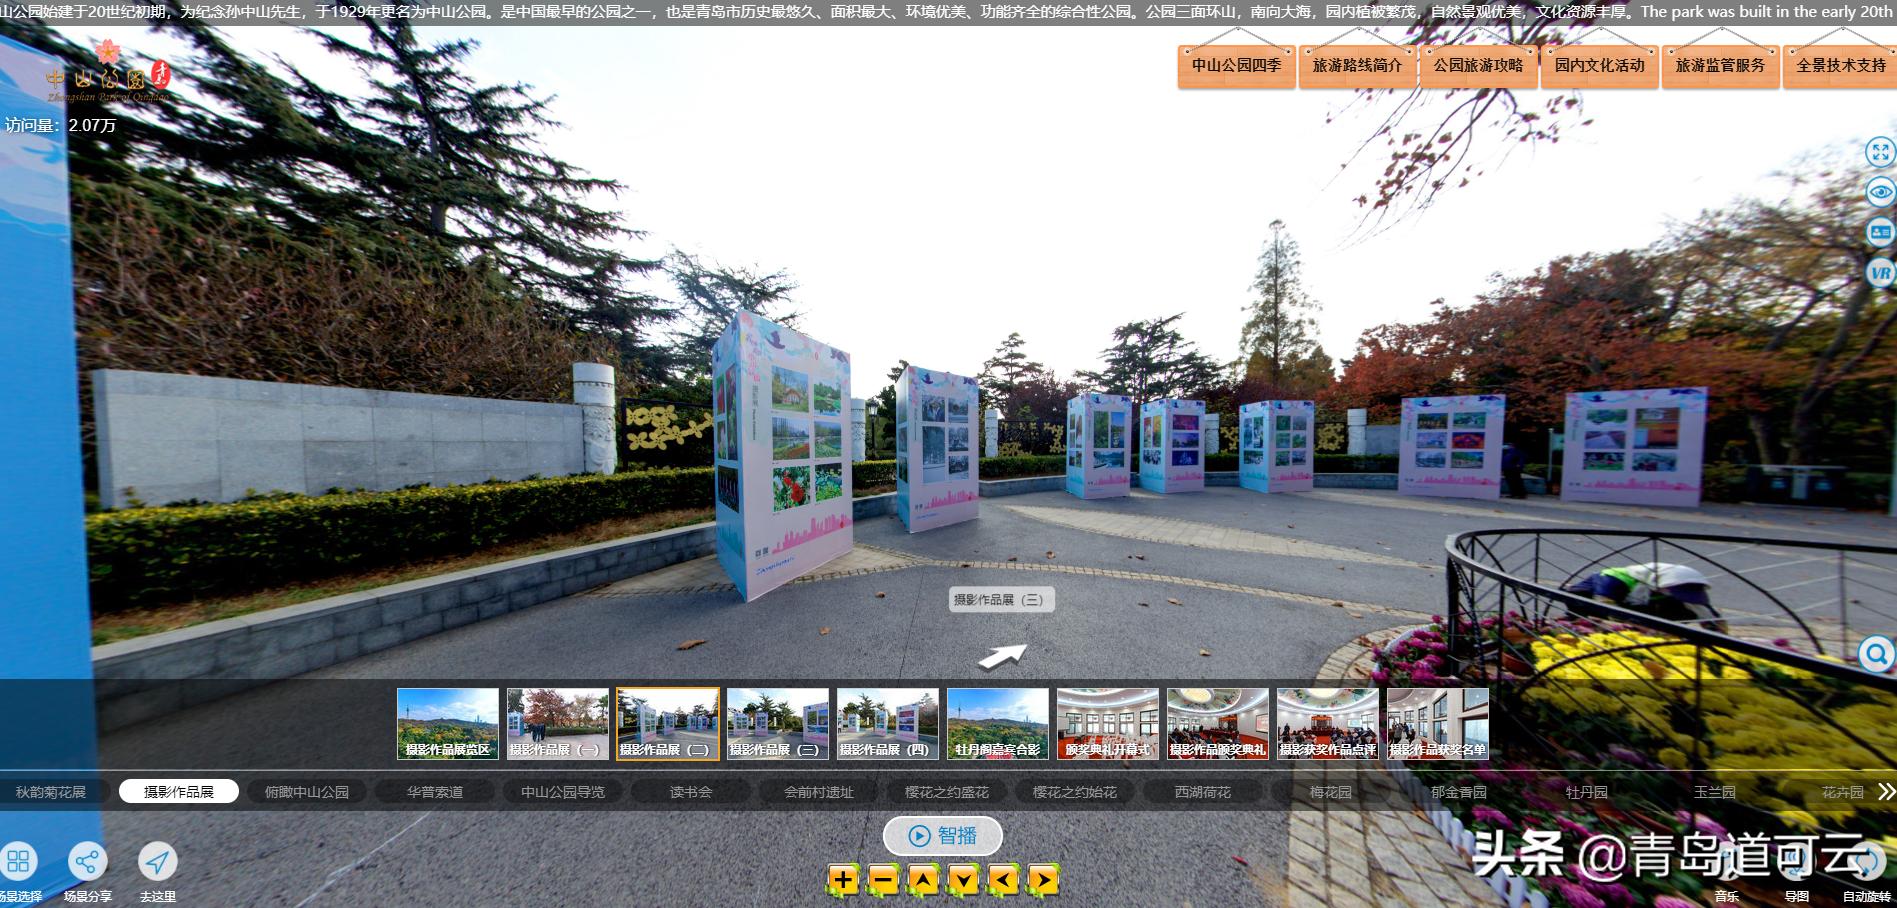 3天10万,5天20万!中山公园这场摄影大赛是如何做到的?